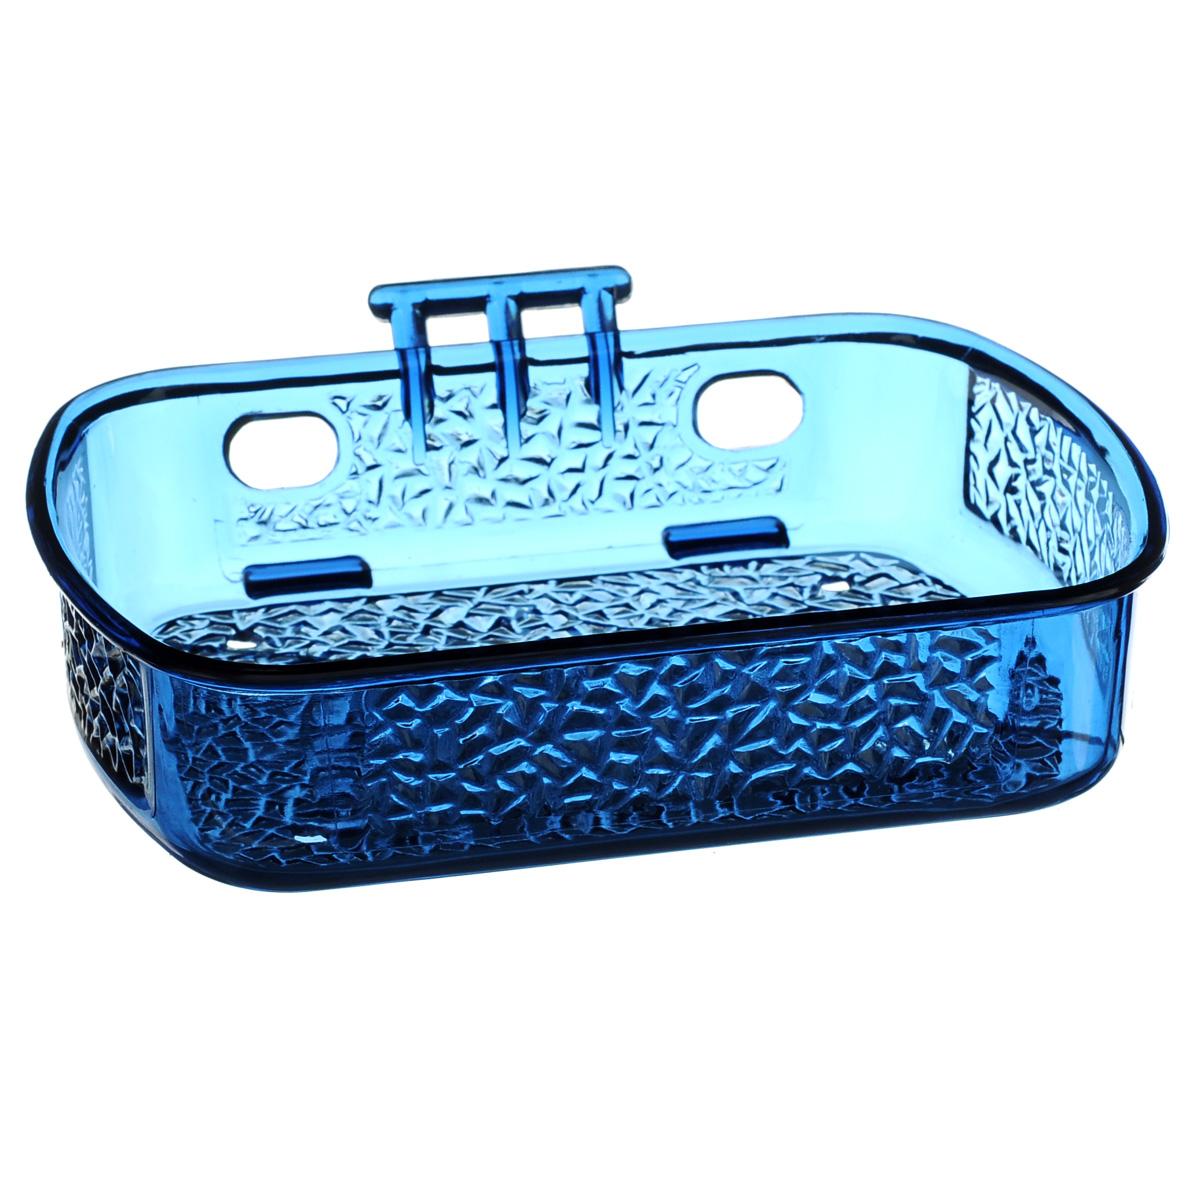 Мыльница Fresh Code, на липкой основе, цвет: синий, 13 см х 10 смS03301004Мыльница для ванной комнаты Fresh Code, выполнена из цветного пластика. Крепление на липкой ленте многократного использования идеально подходит для гладкой поверхности. Такая мыльница прекрасно подойдет для интерьера ванной комнаты.